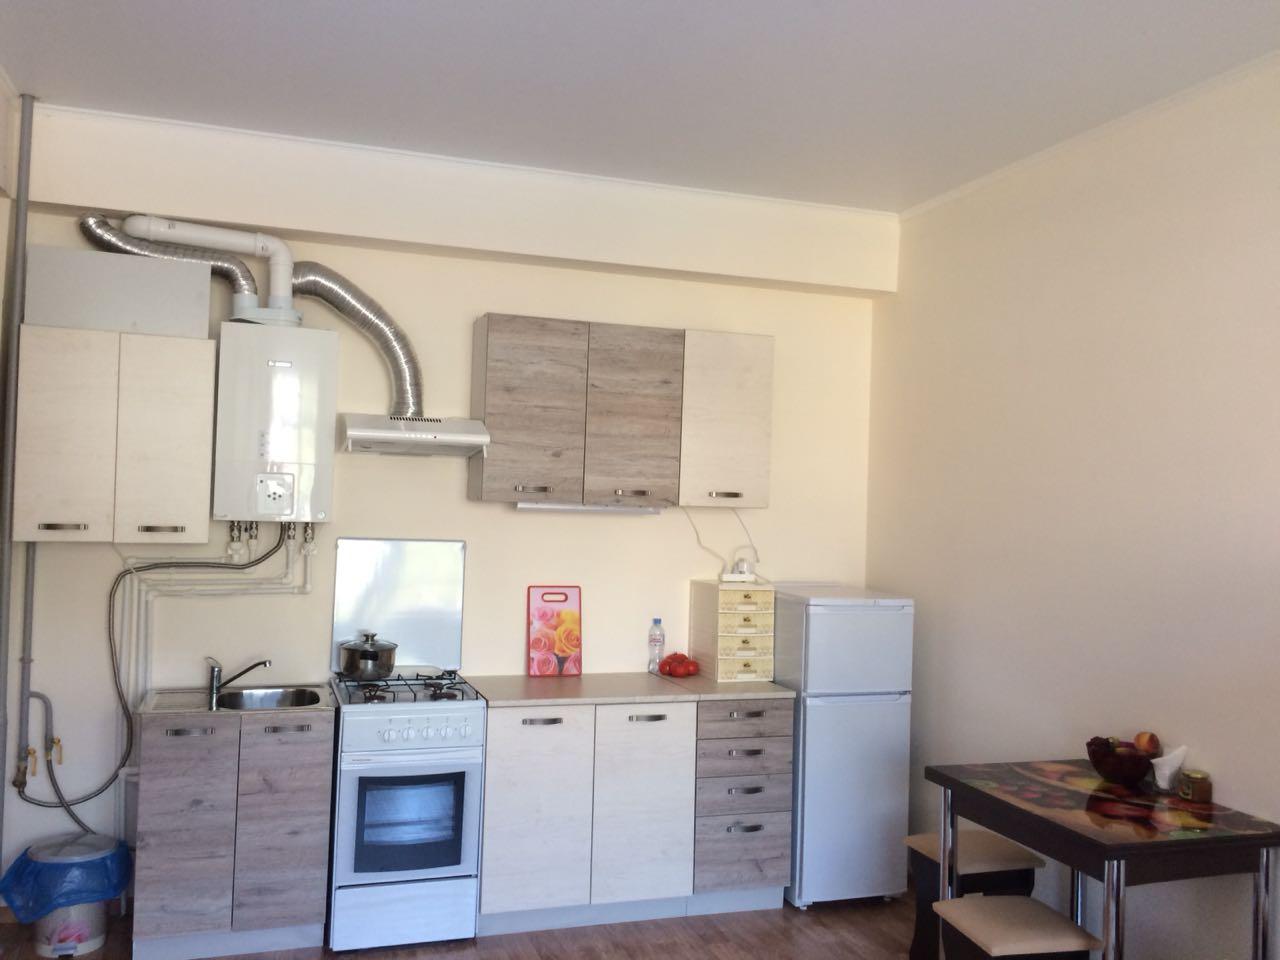 Продажа 1-комнатной квартиры по ул. Виноградной (48 м²)